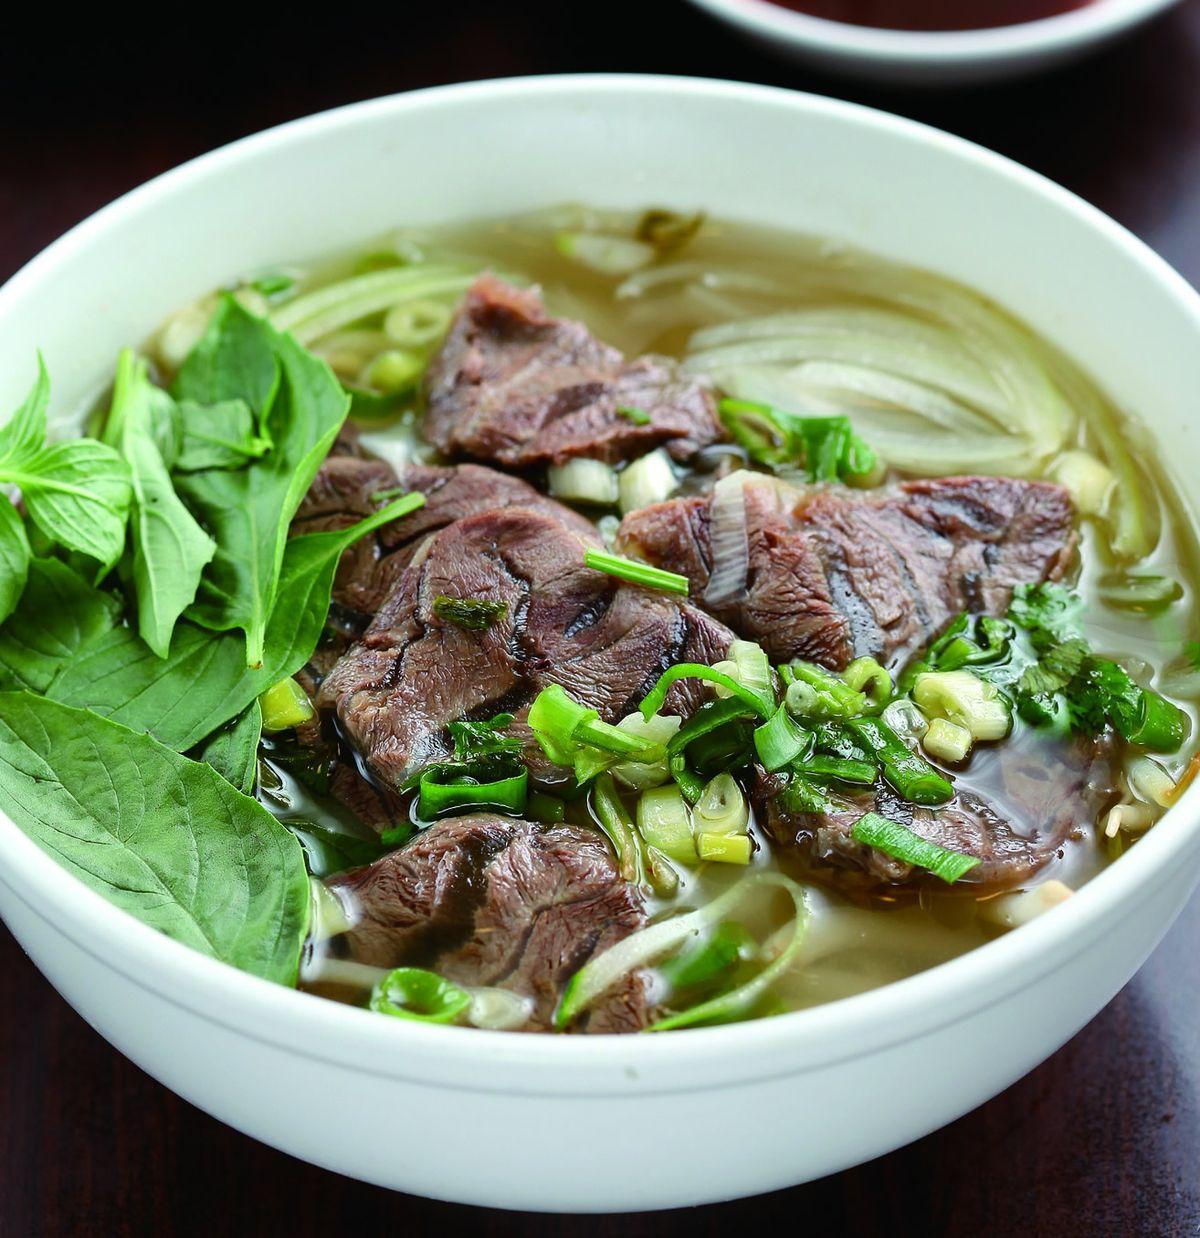 食譜:清燉牛肉河粉